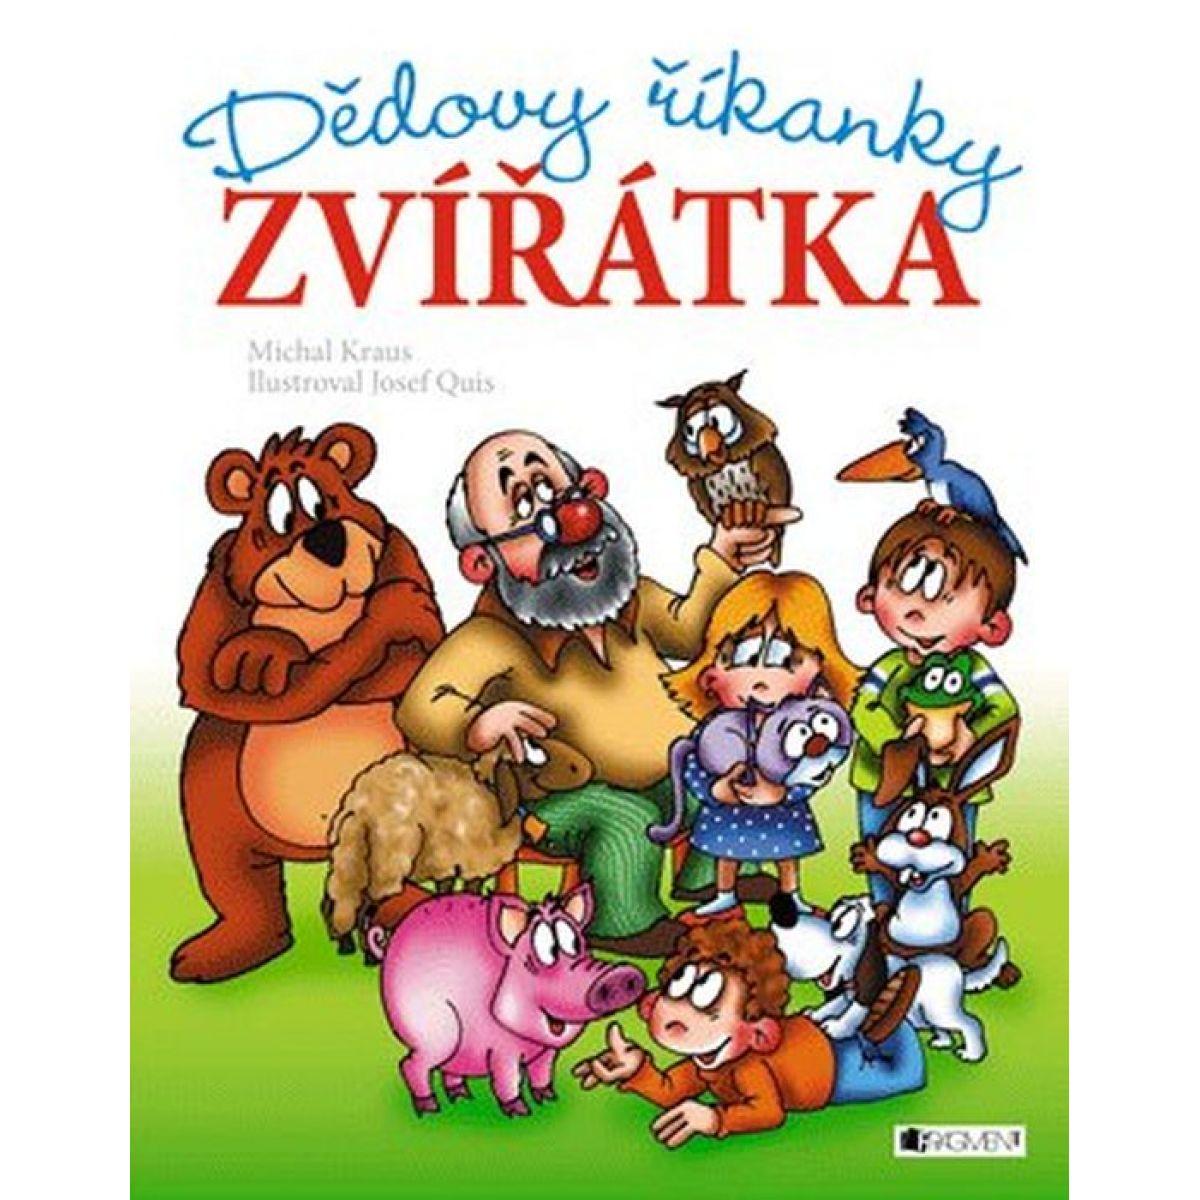 Dědovy říkanky Zvířátka - Michal Kraus; Josef Quis